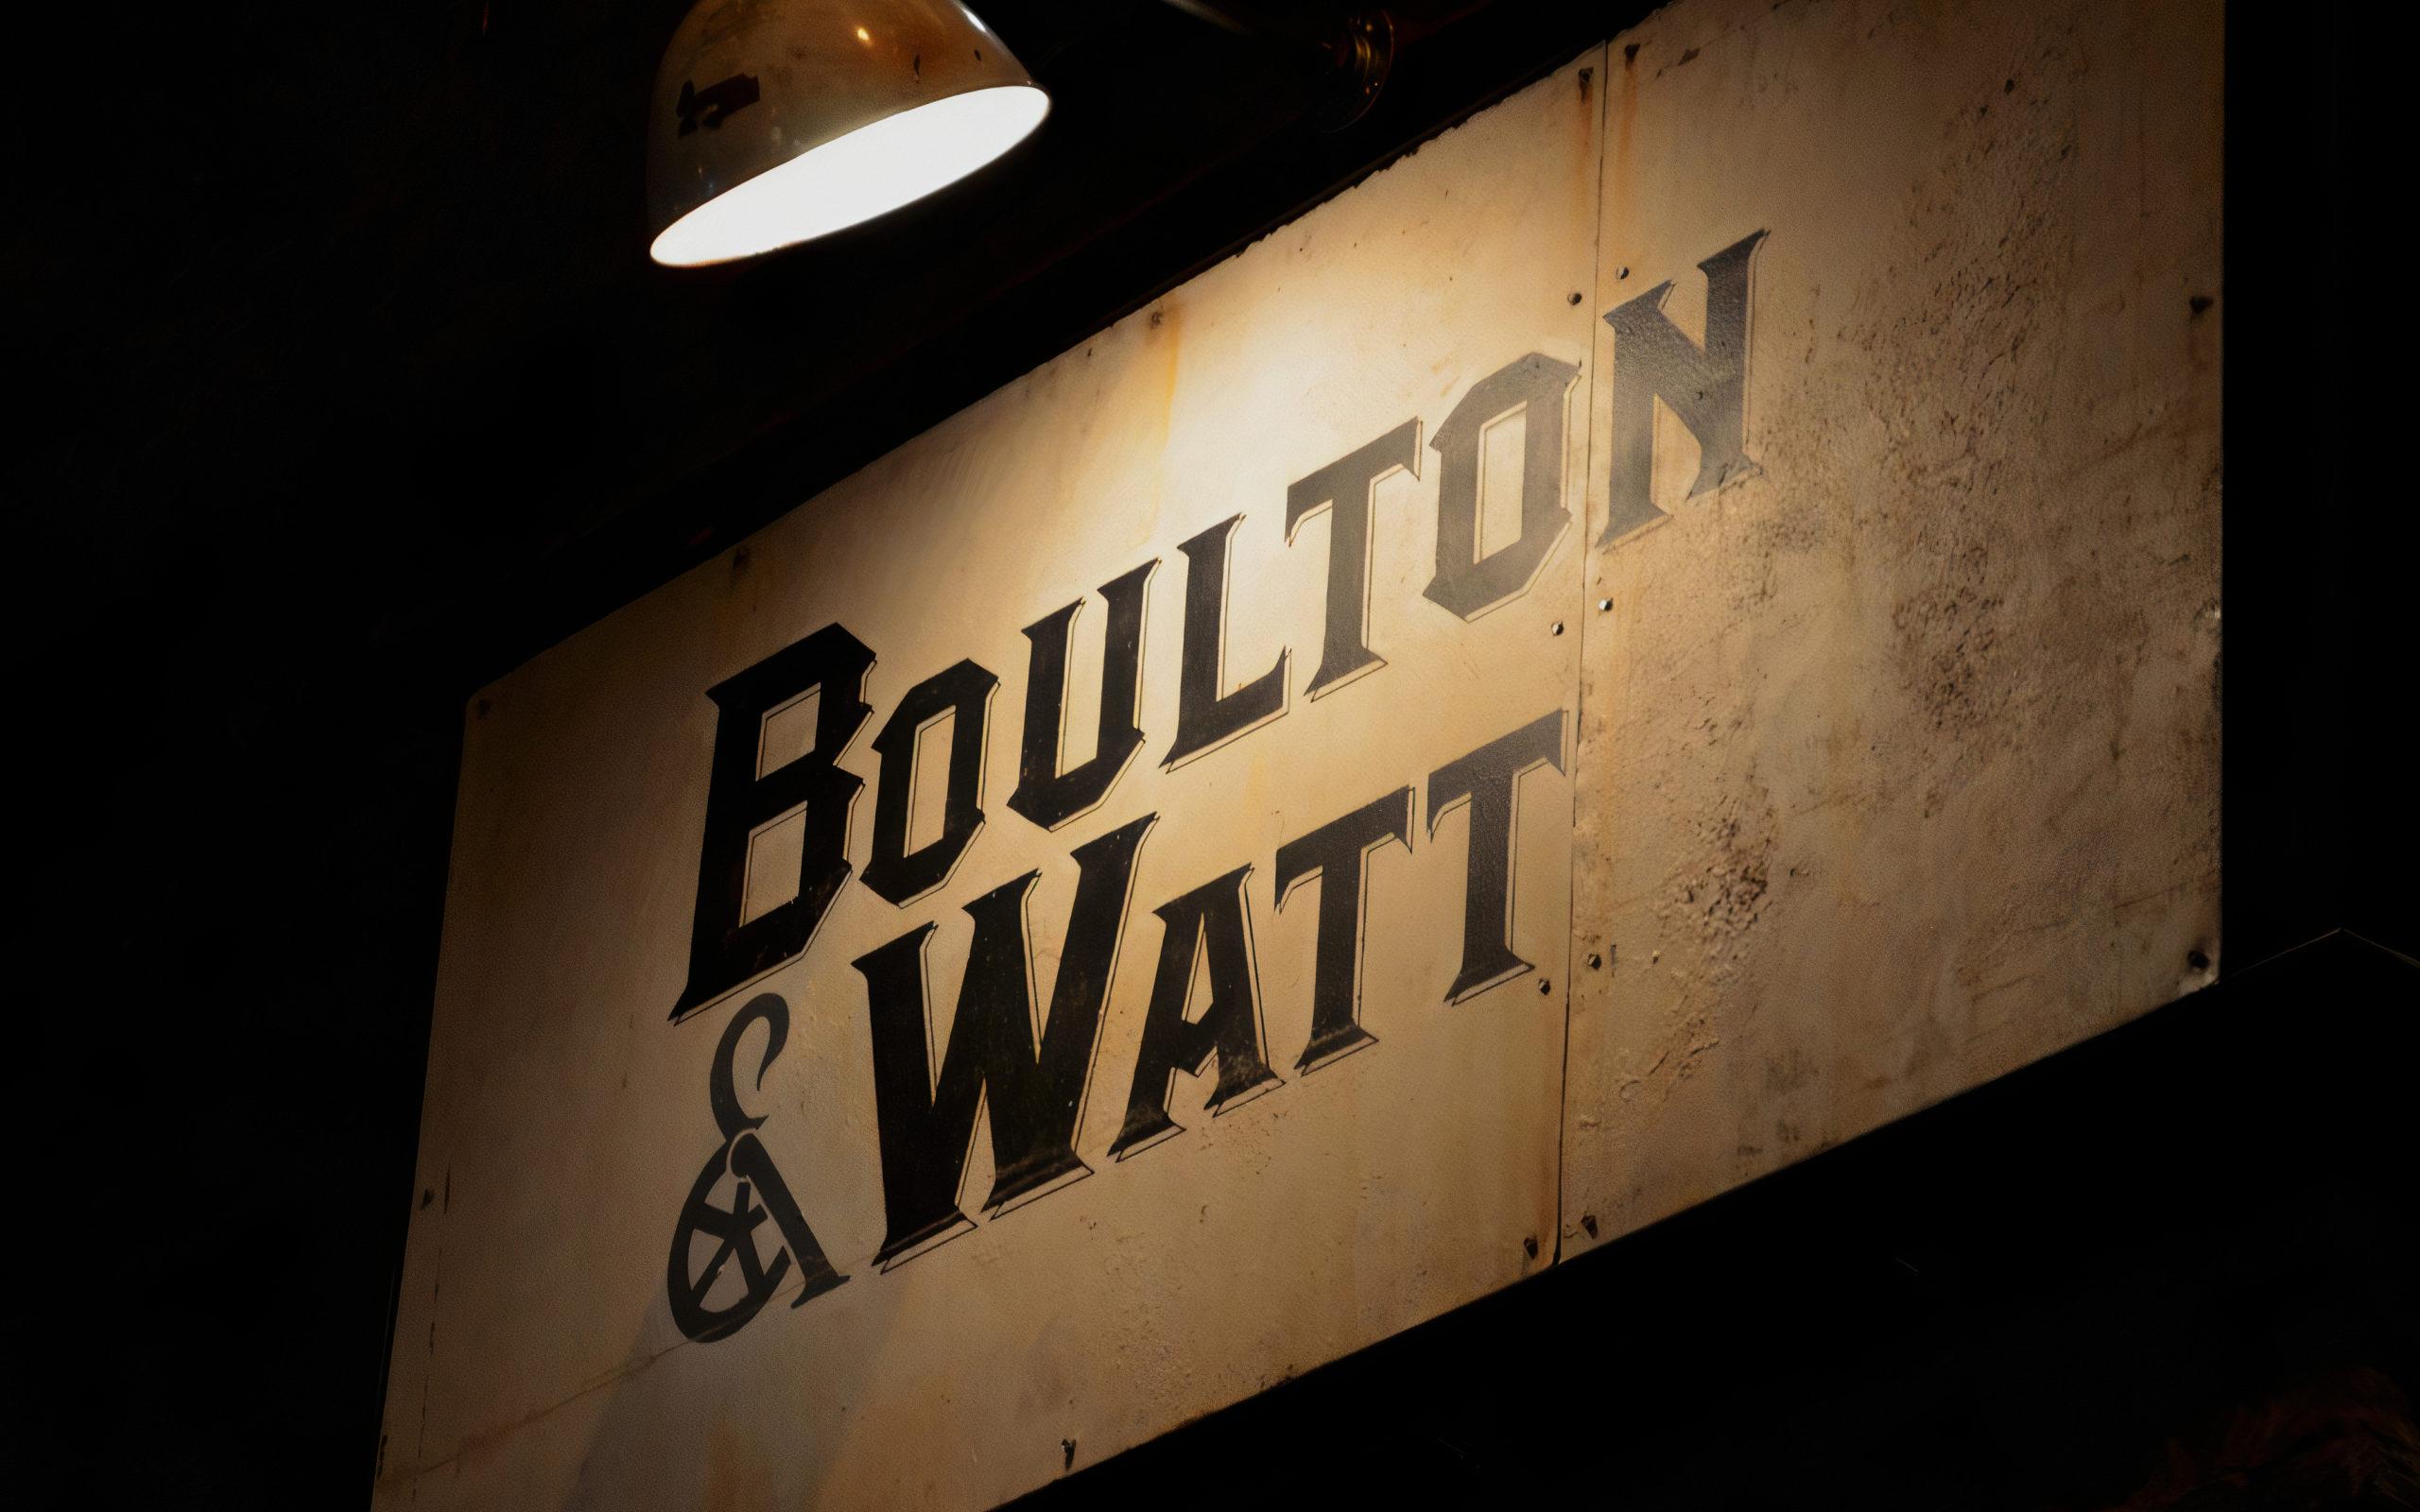 Boulton & Watt NYC